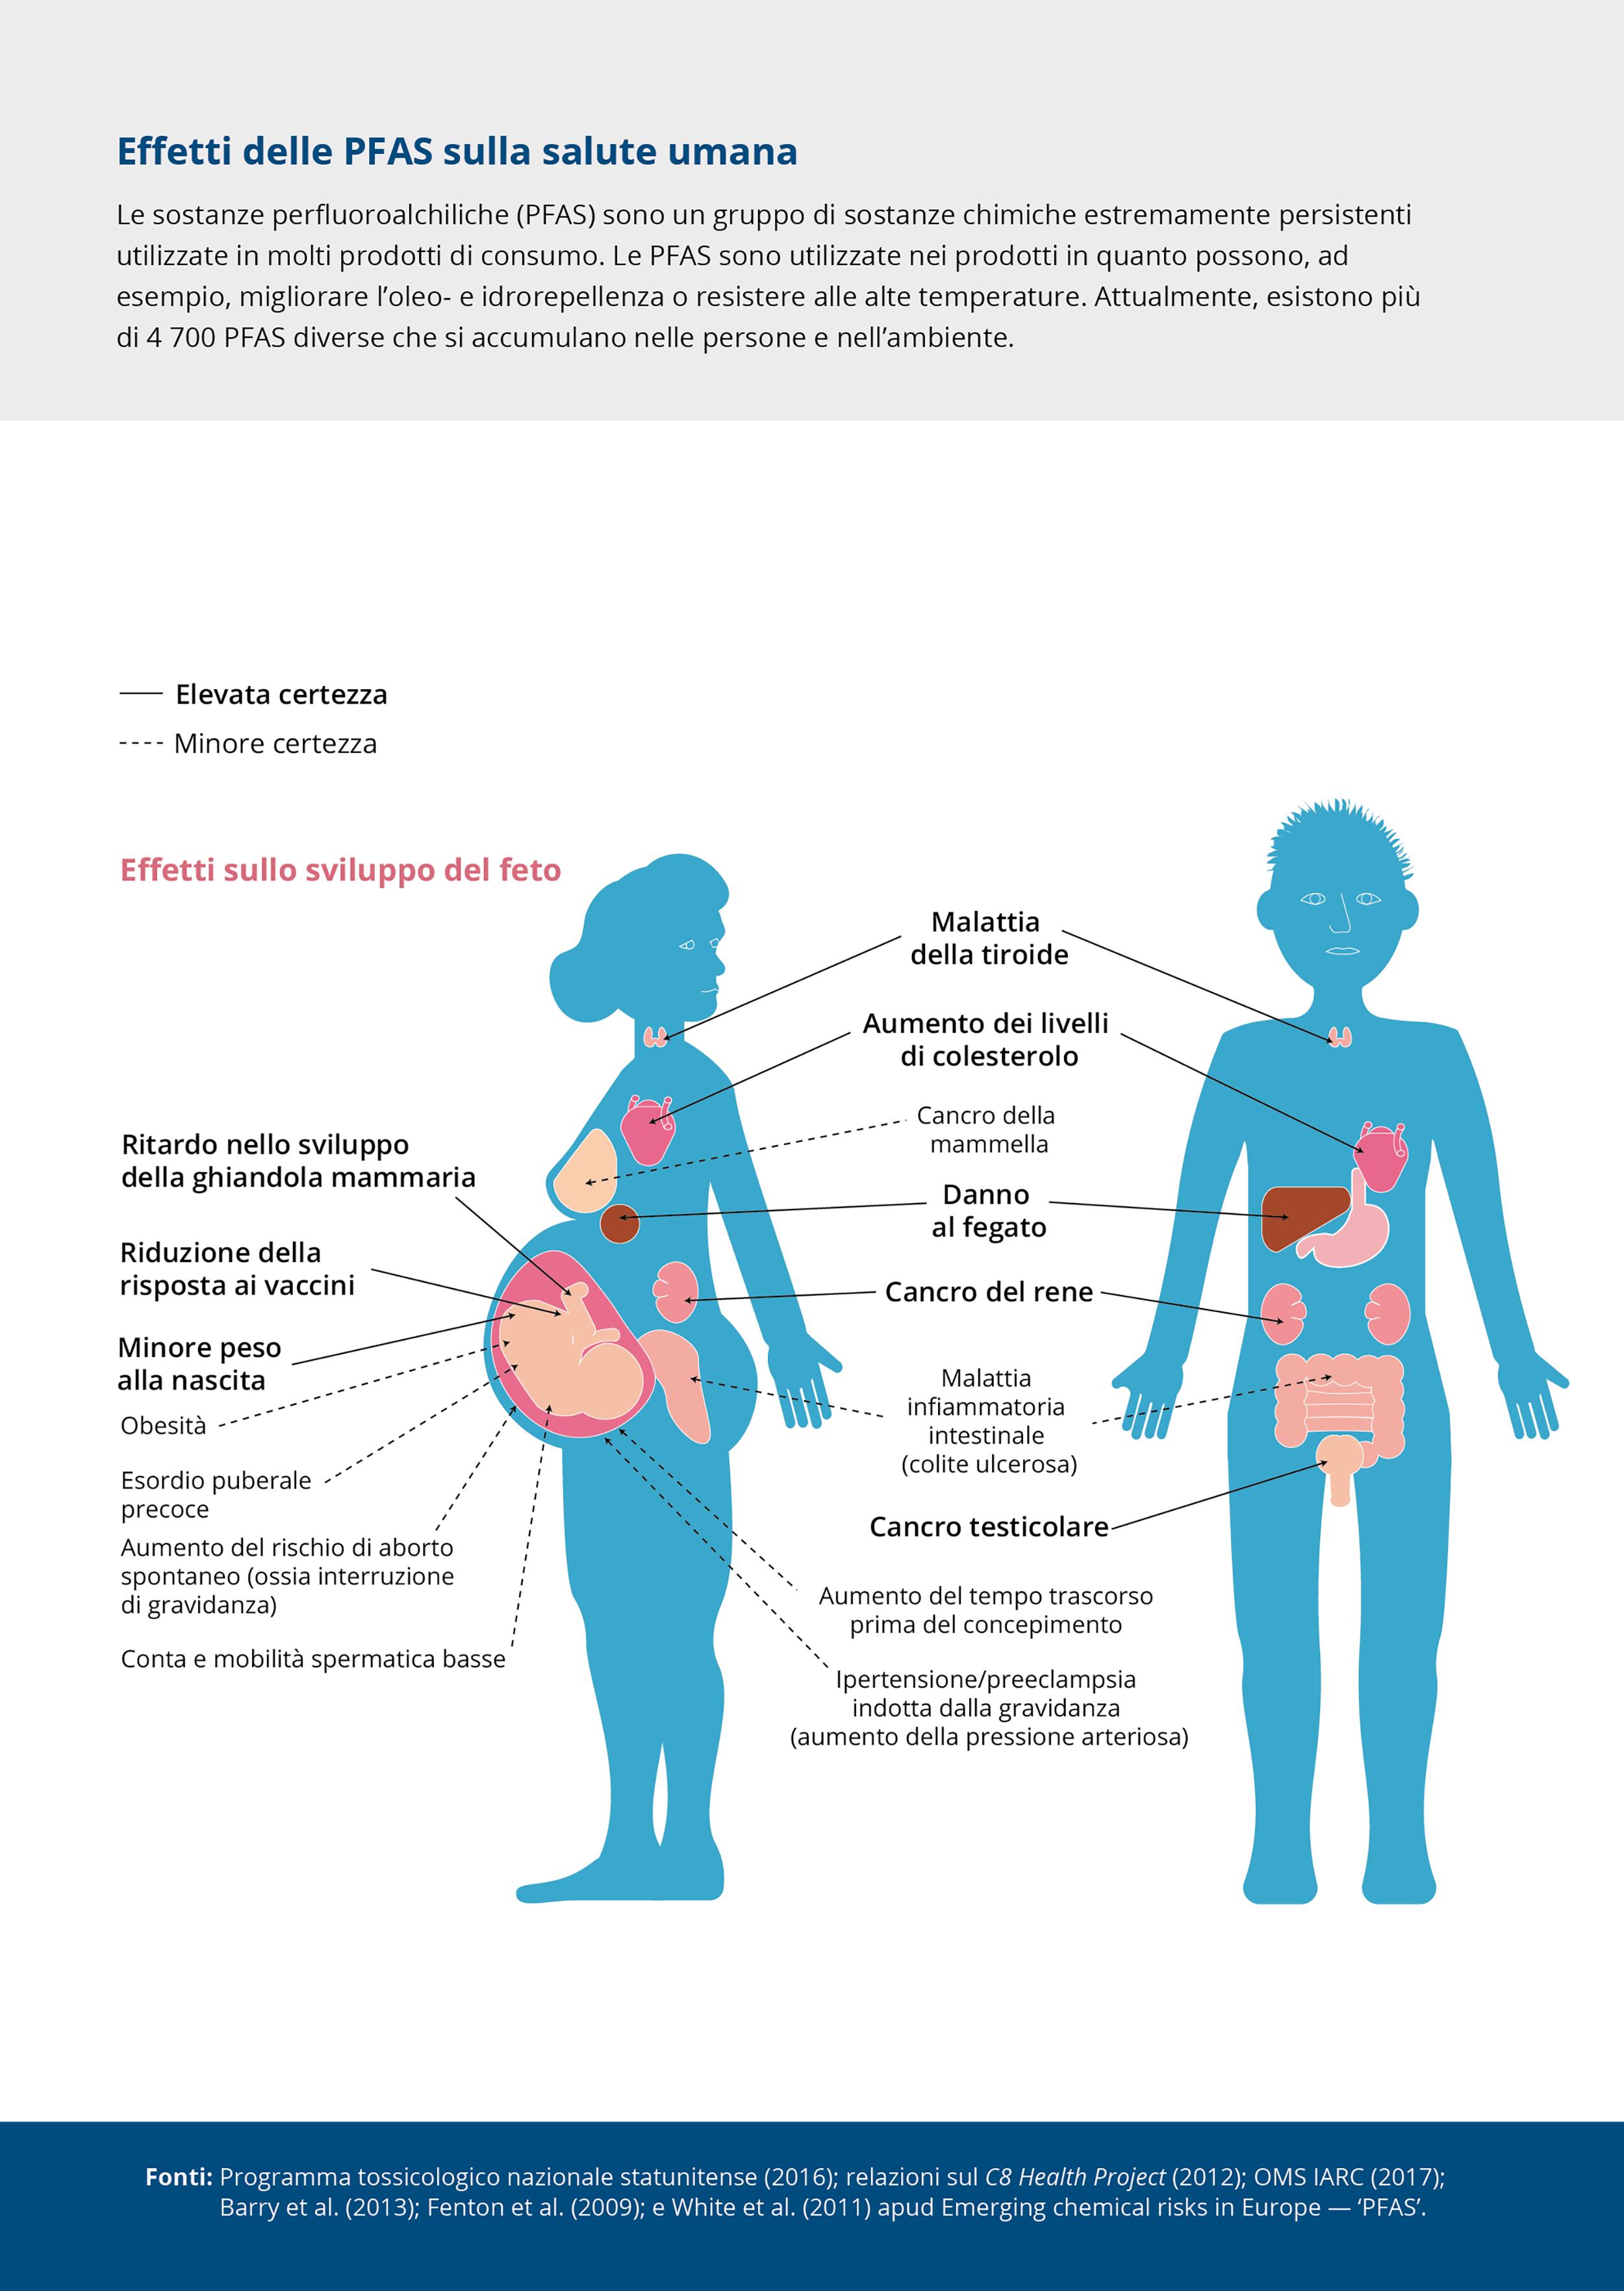 Effetti delle PFAS sulla salute umana